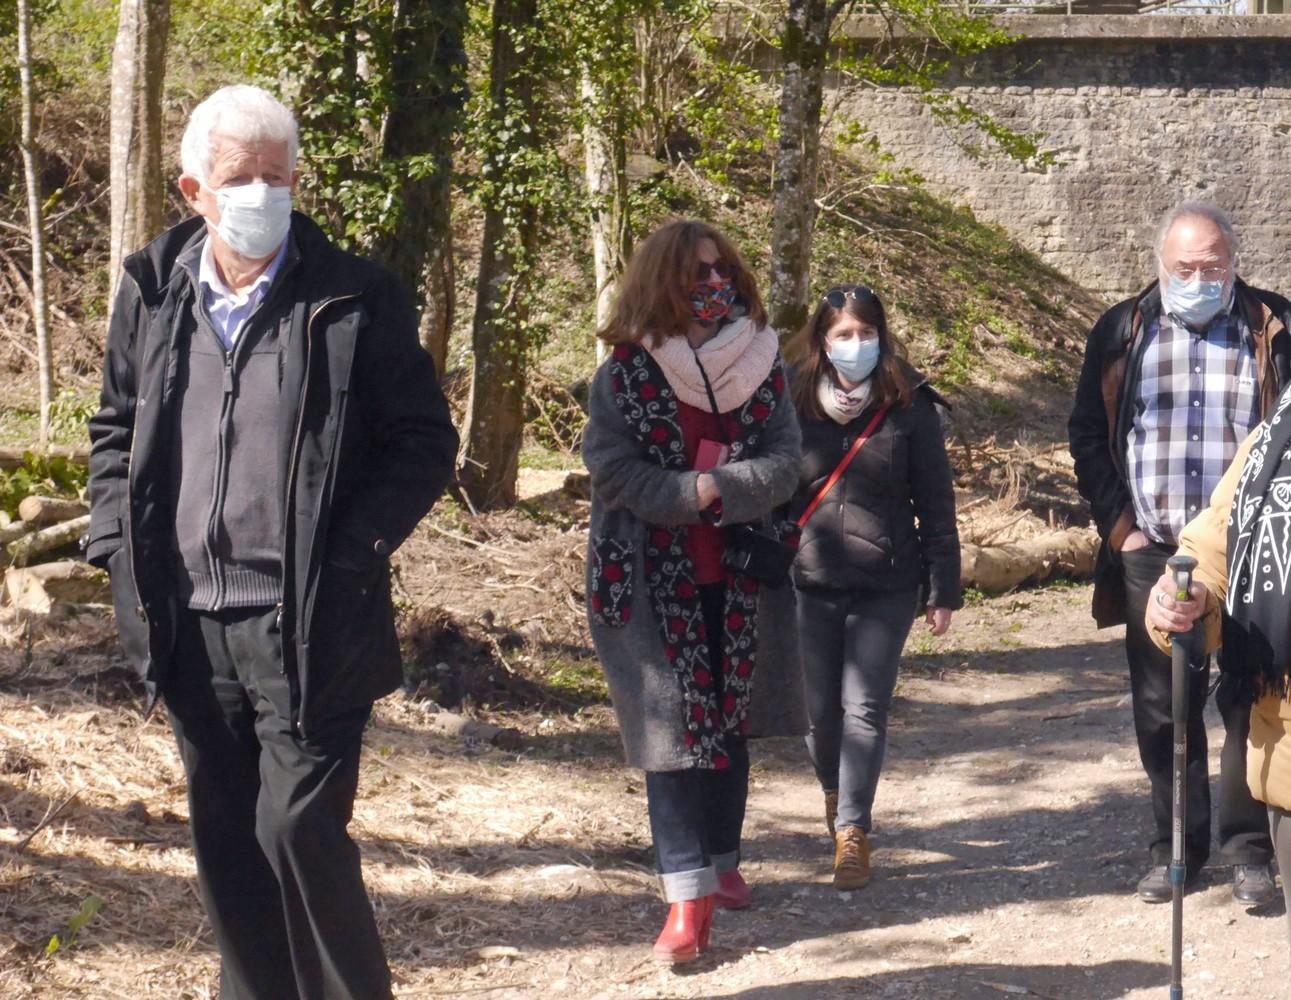 Avril 2021 Avec 2 personnes de la troupe Justiniana, repérage des lieux